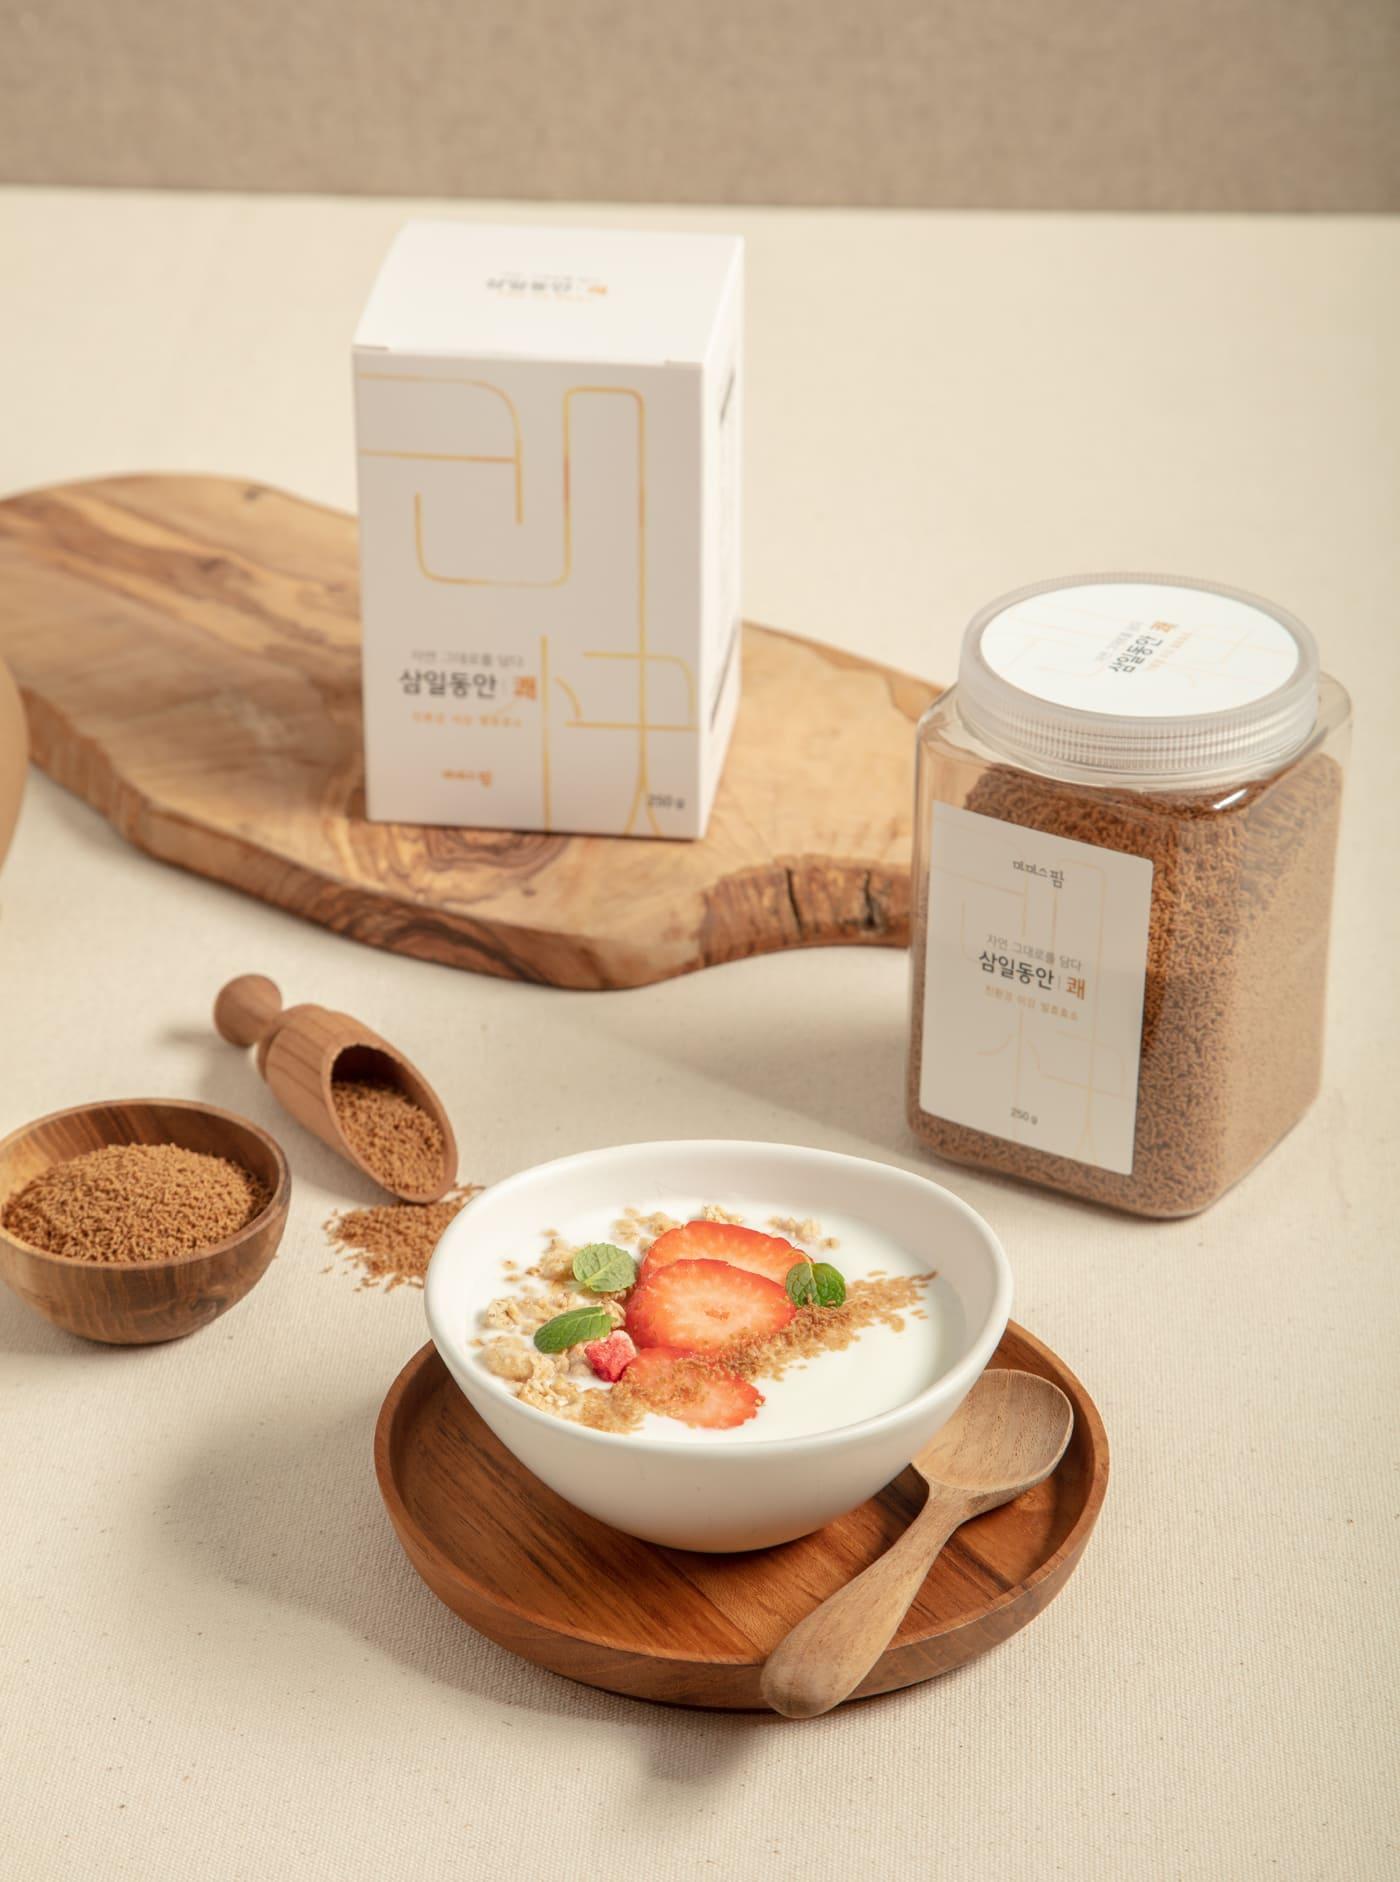 삼일동안 쾌(快) / 식이섬유 영양만점 쌀눈/쌀겨 '미강'으로 만든 발효 효소 가루 상세이미지4